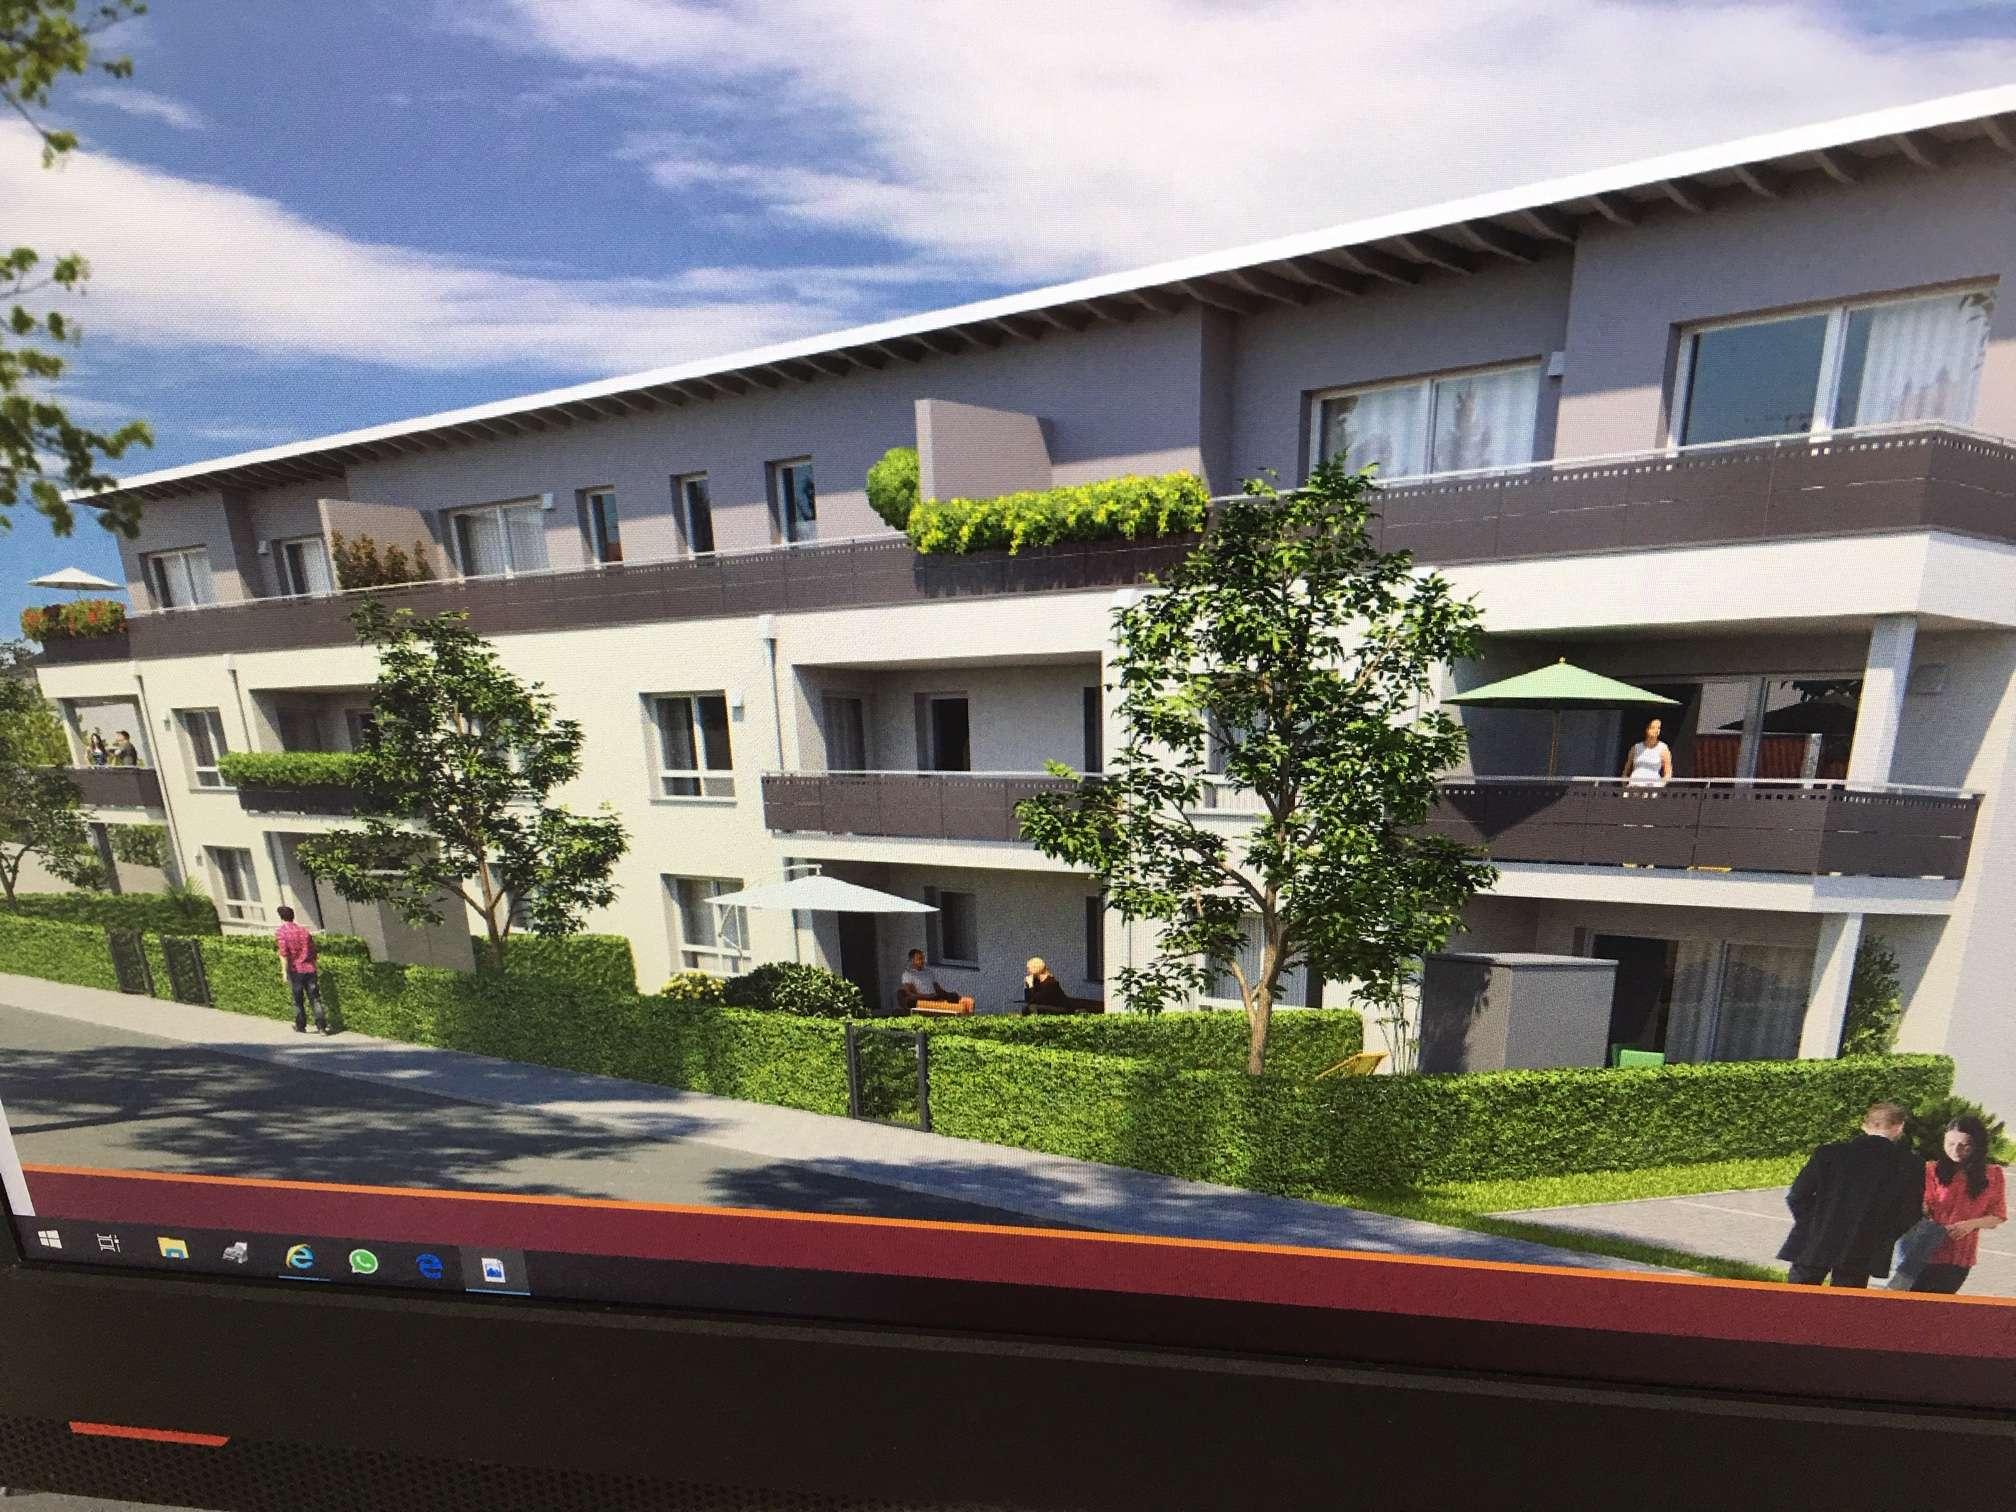 Neue 2-Zimmer-Erdgeschoss-Wohnung mit Garten, Terrasse und Pkw-Stellplatz in bevorzugter Wohnlage